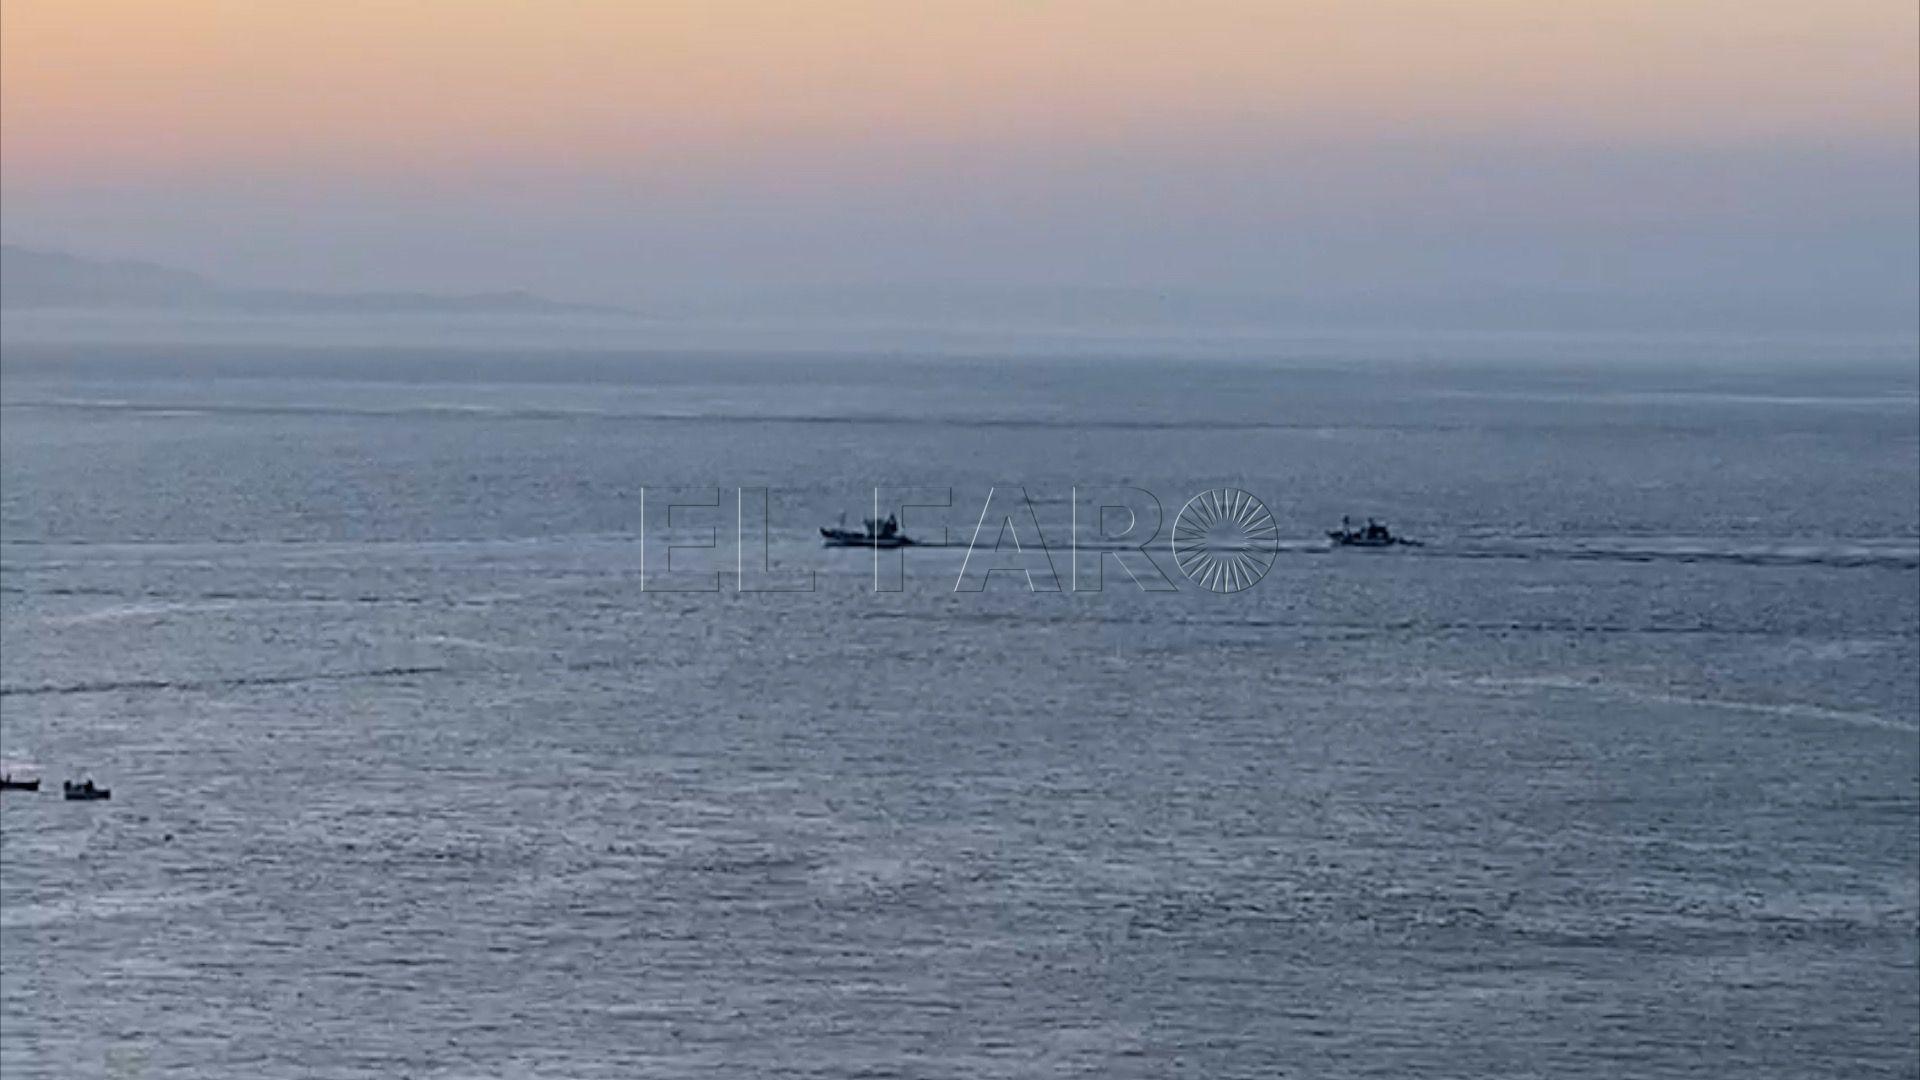 pesqueros-marroquies-aguas-ceuties-2